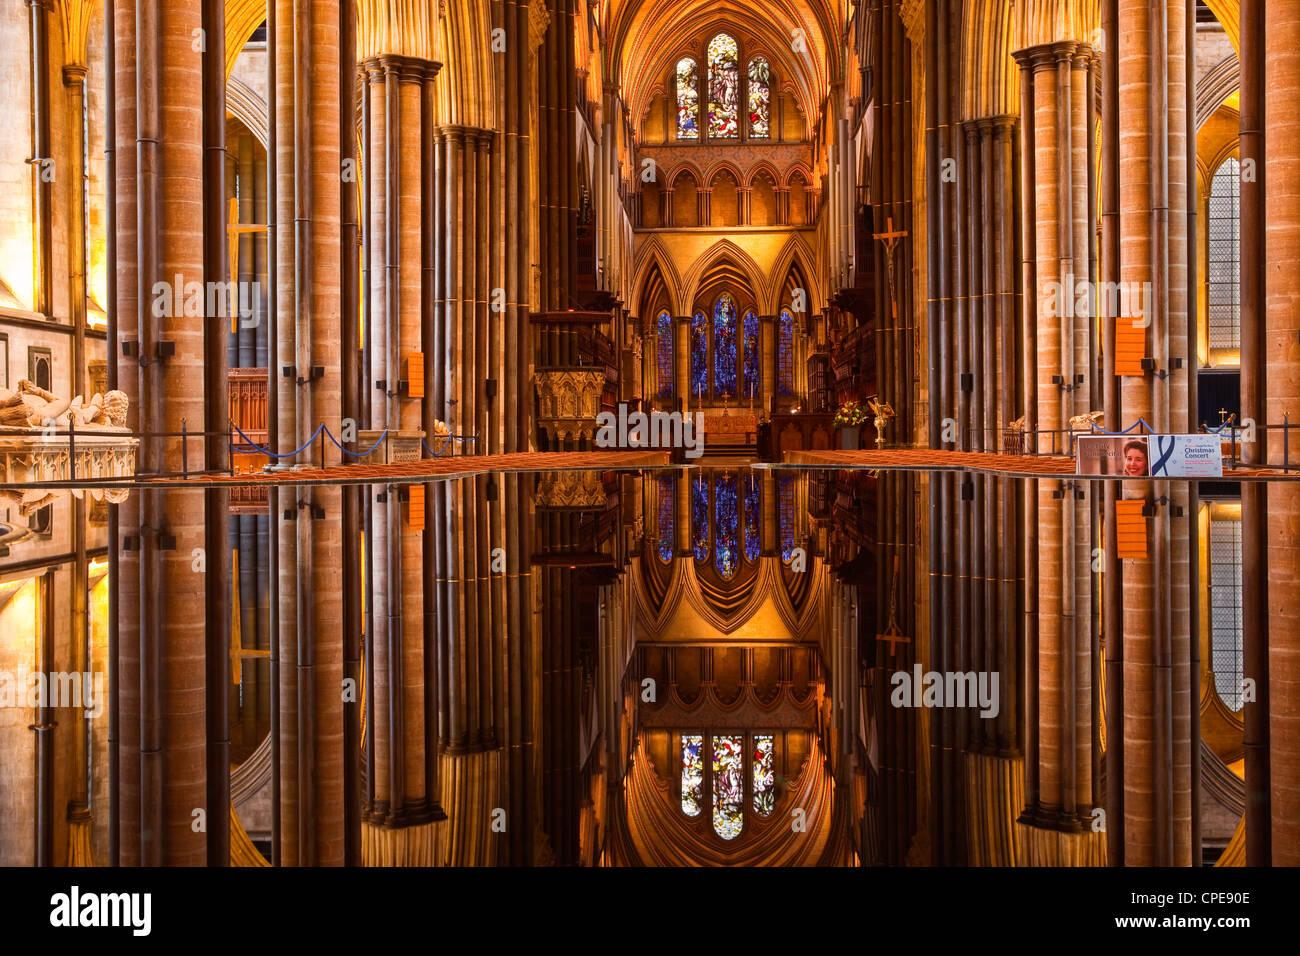 La belle nef et font de la cathédrale de Salisbury, Wiltshire, Angleterre, Royaume-Uni, Europe Photo Stock